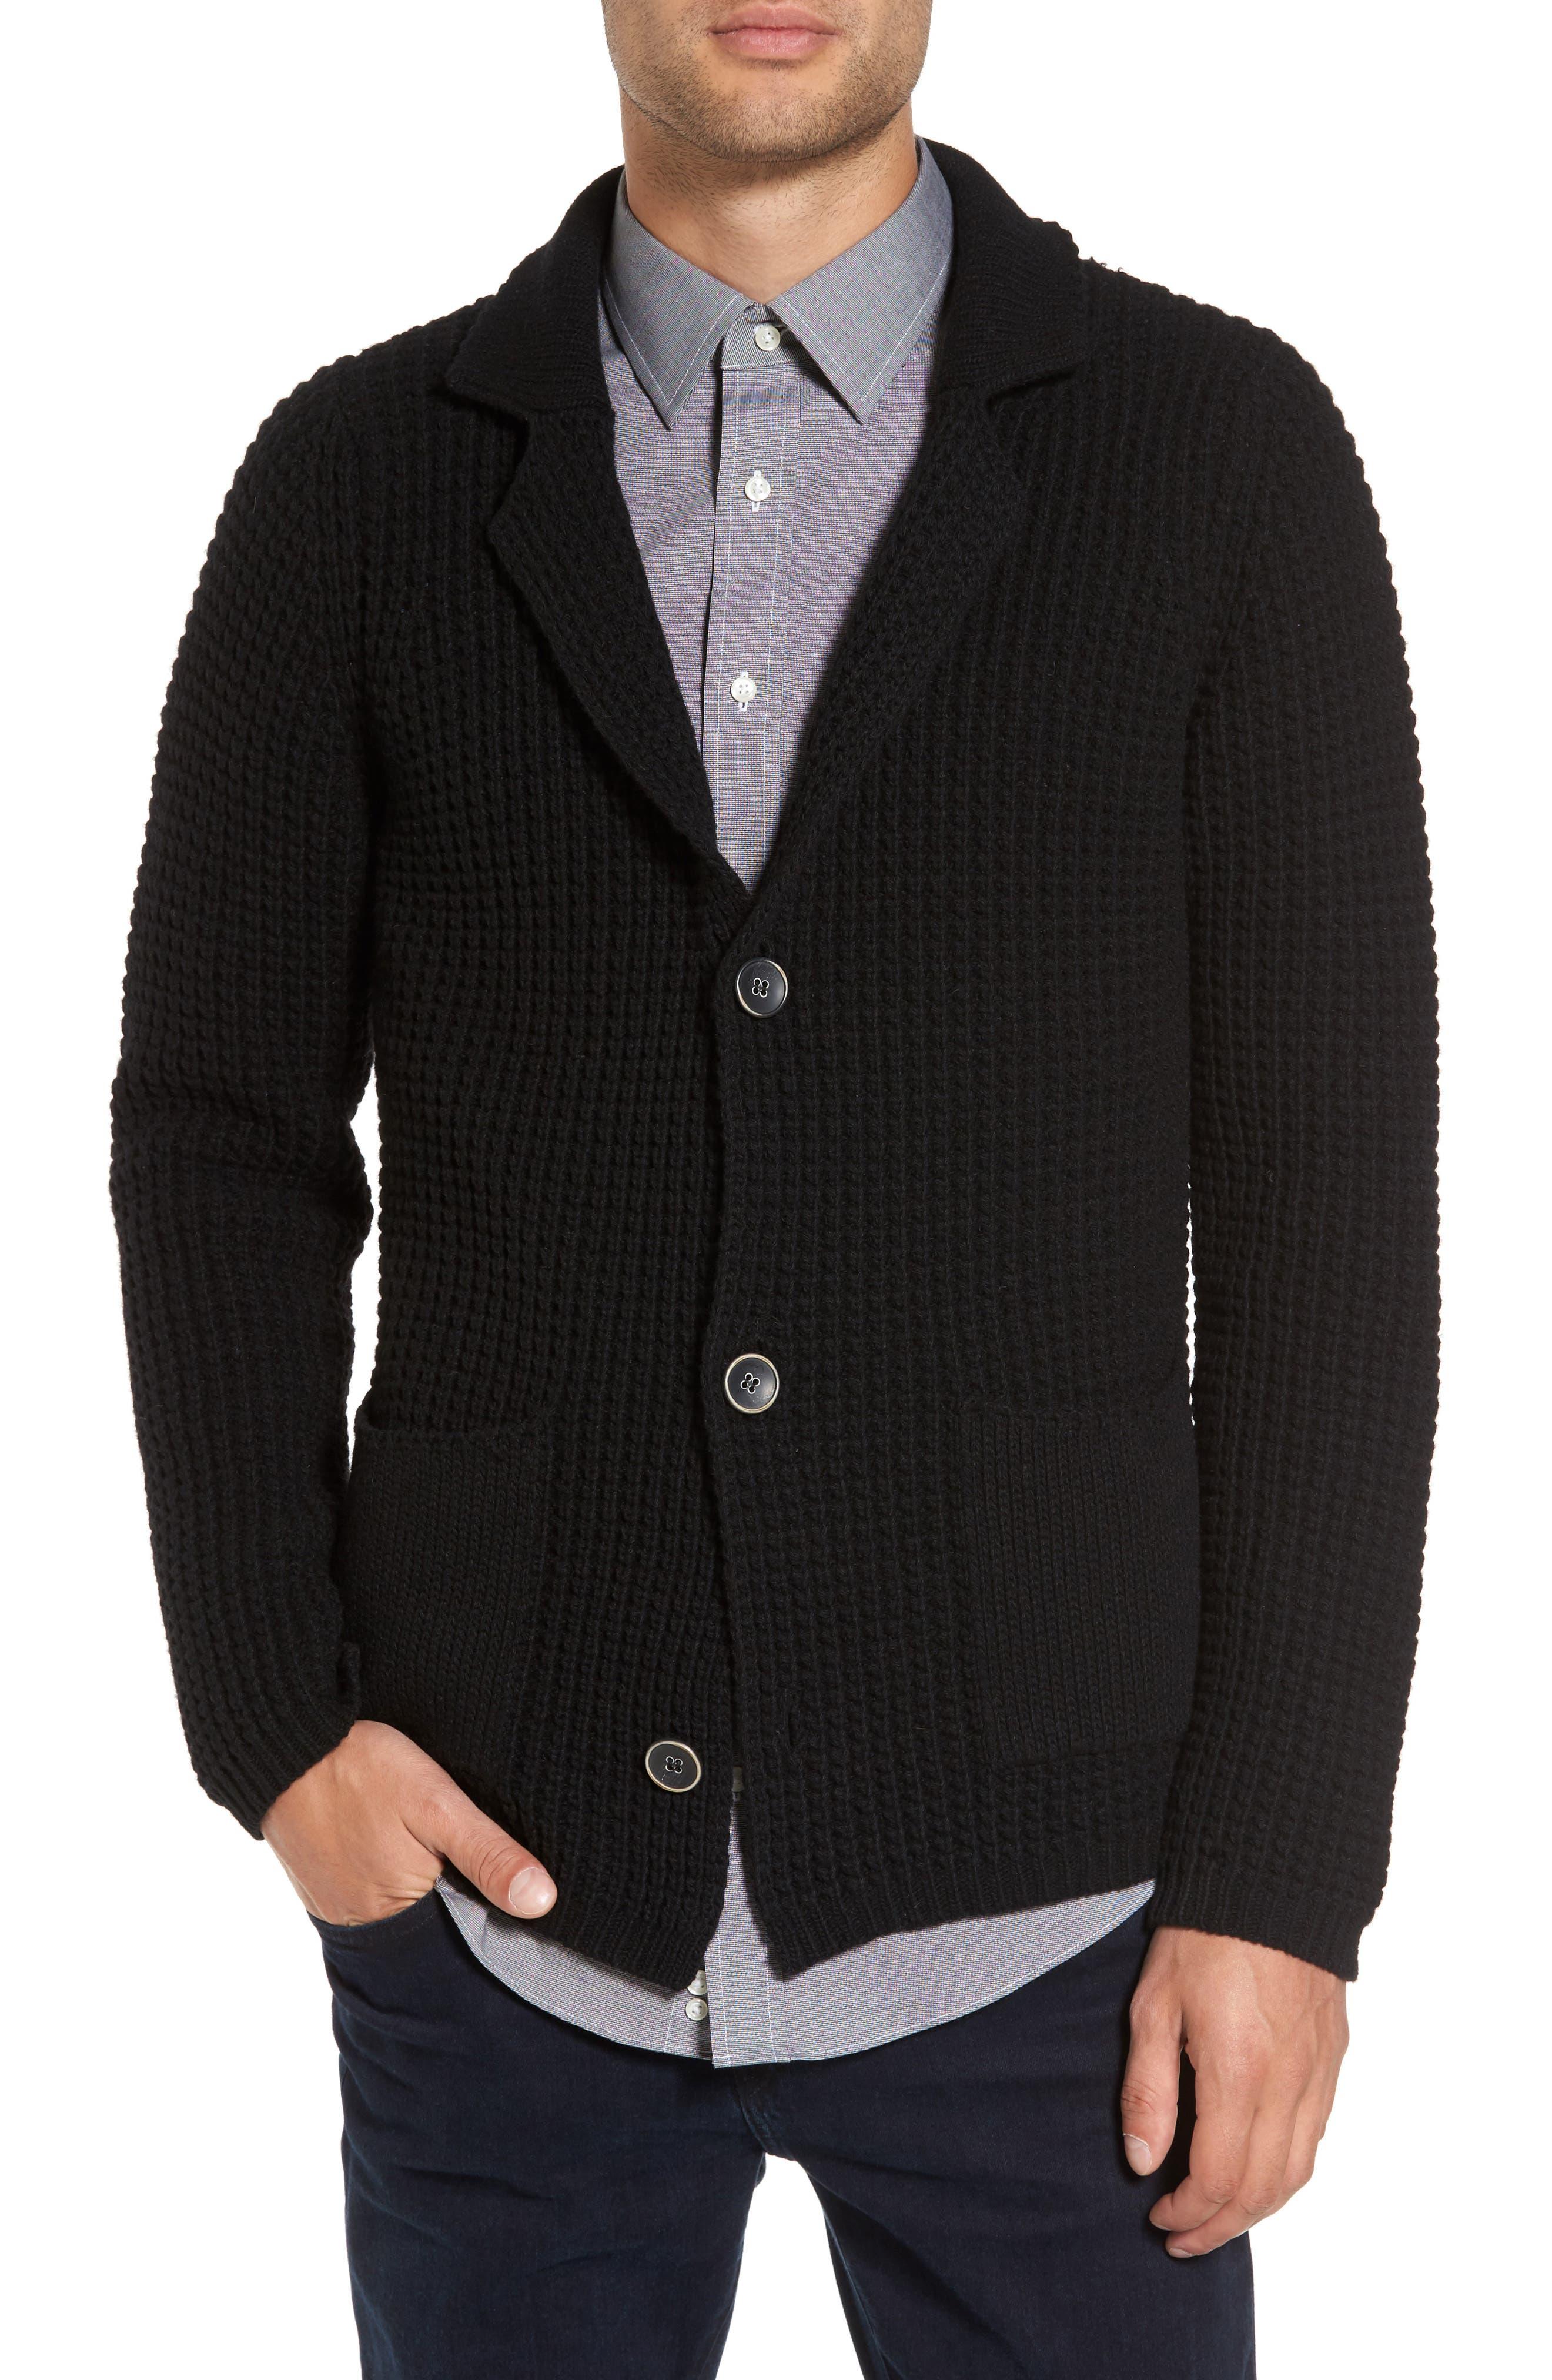 Trim Fit Knit Cardigan Jacket,                         Main,                         color, 001